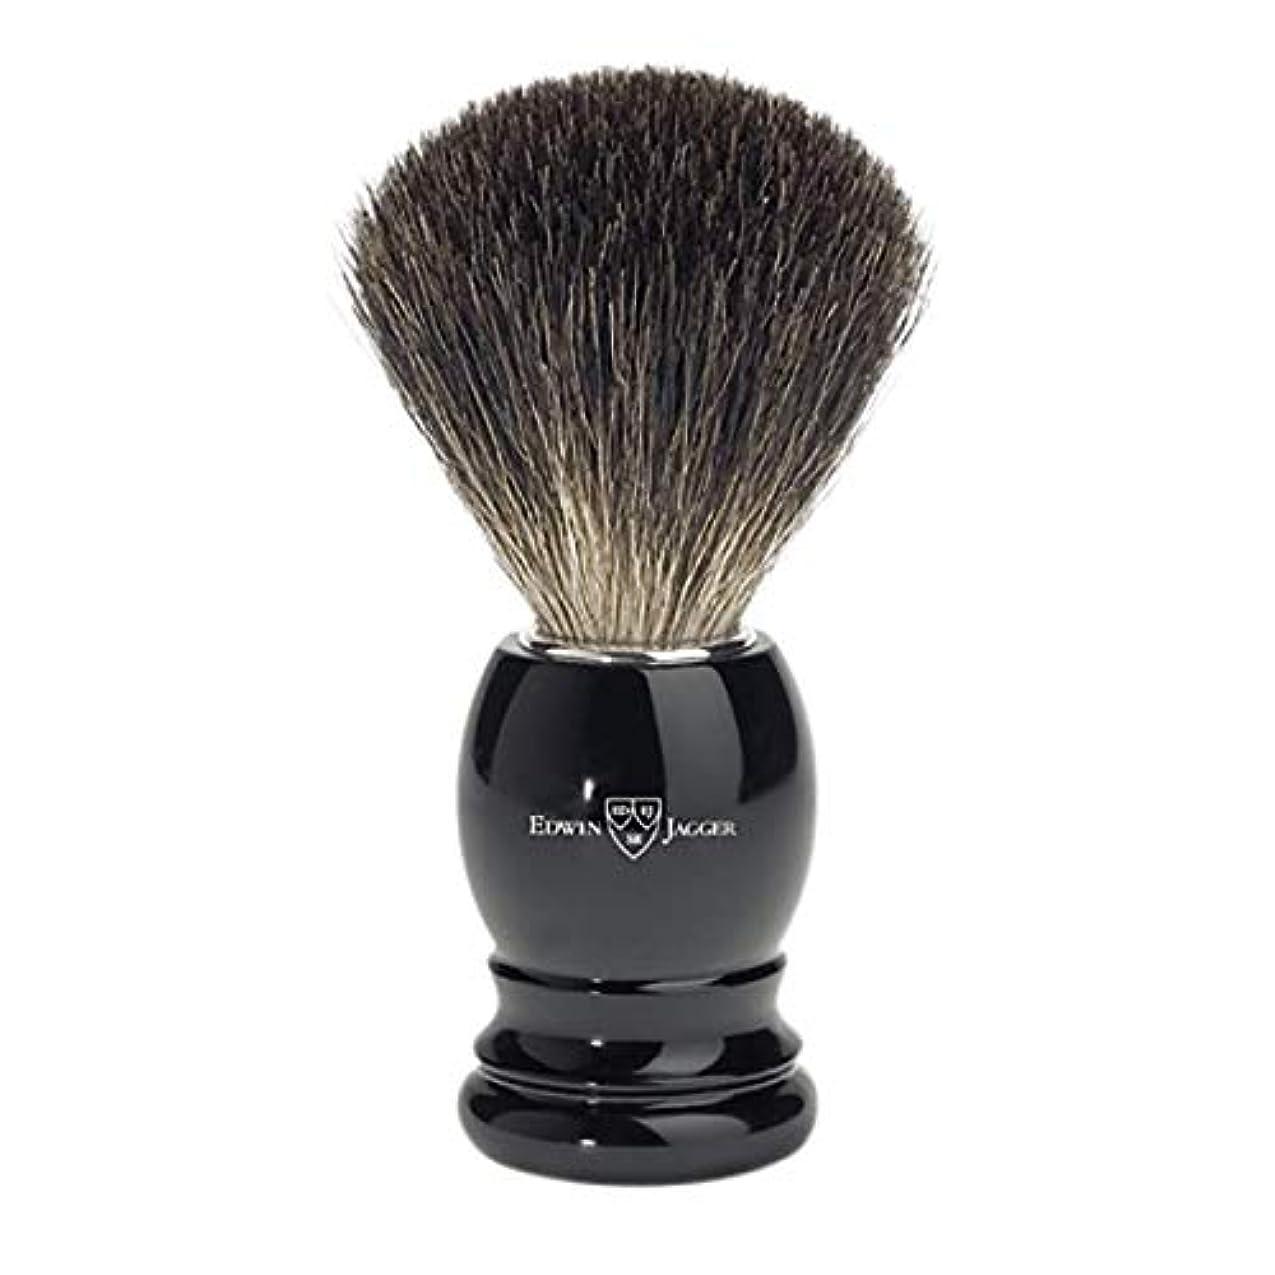 評論家体現する野望エドウィンジャガー ブラックイミテーションエボニーベストバジャーシェービングブラシ81P26[海外直送品]Edwin Jagger Black Imitation Ebony Best Badger Shaving Brush...